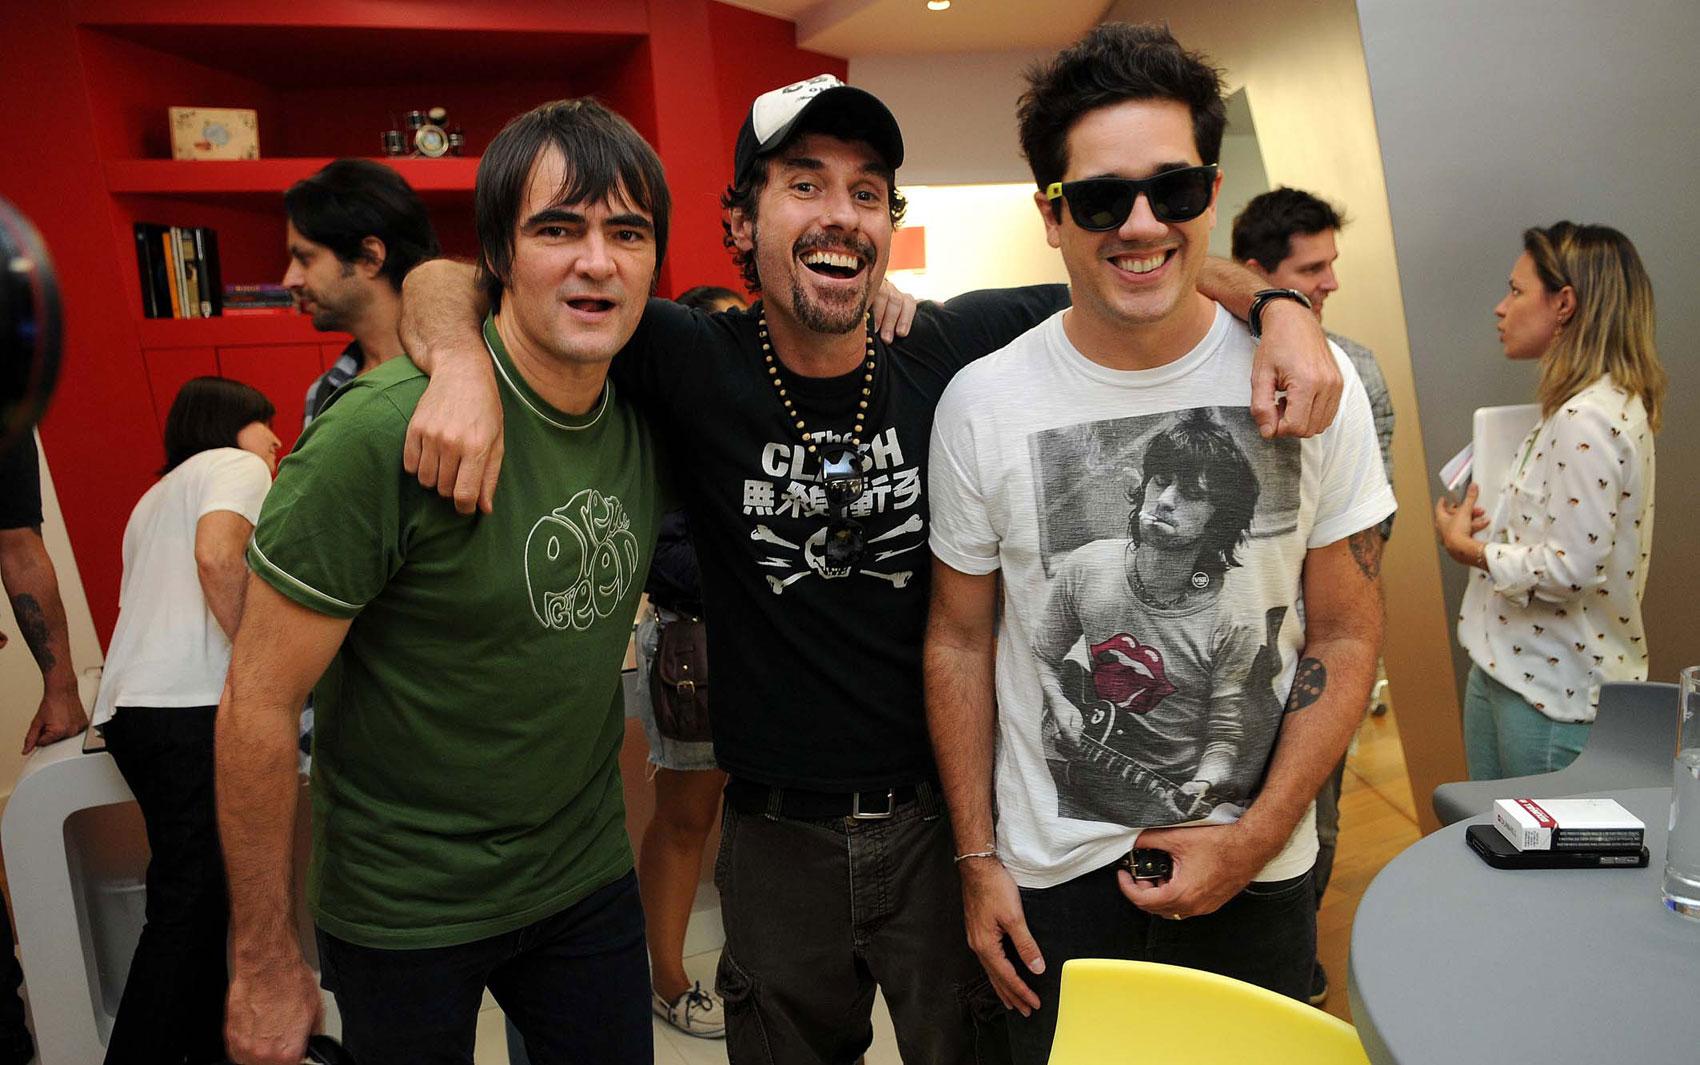 Samuel Rosa, do Skank, Dinho Ouro Preto, do Capital Inicial e Rogério Flausino, do Jota Quest, no anúncio das atrações brasileiras do Rock in Rio 2013